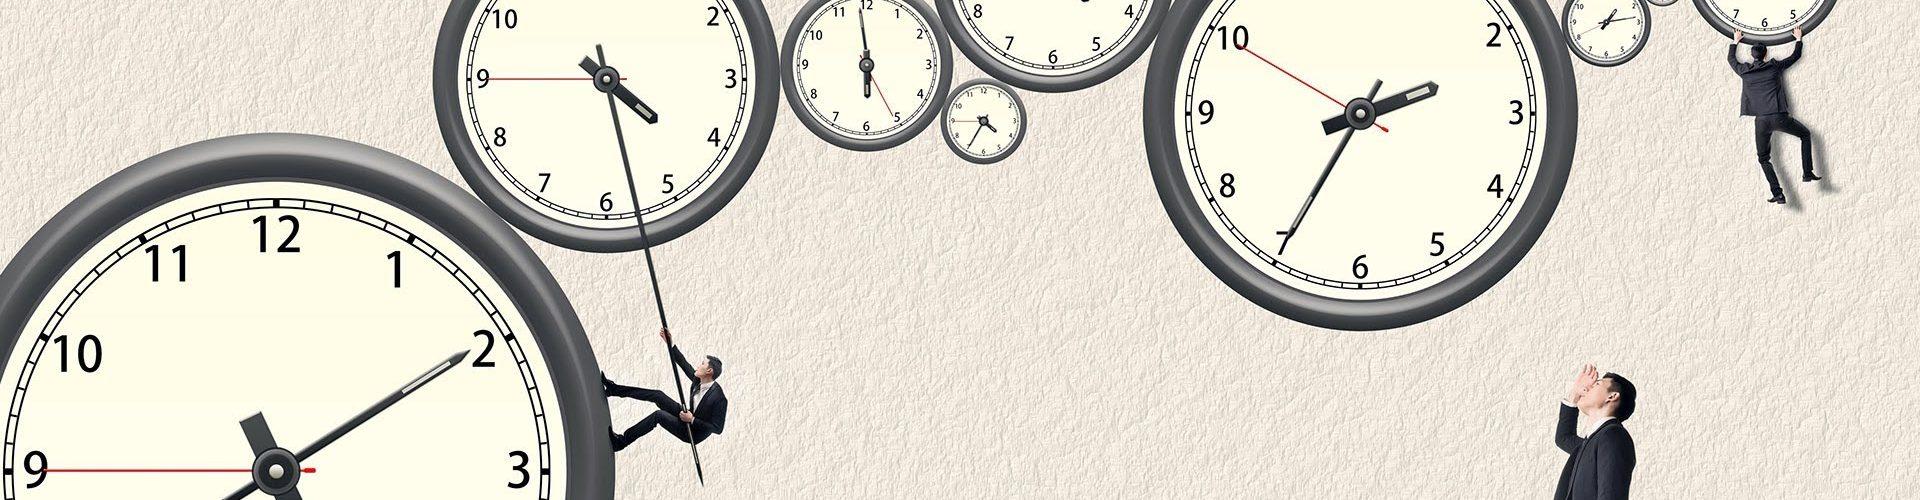 Сколько стоит минута вашего времени?